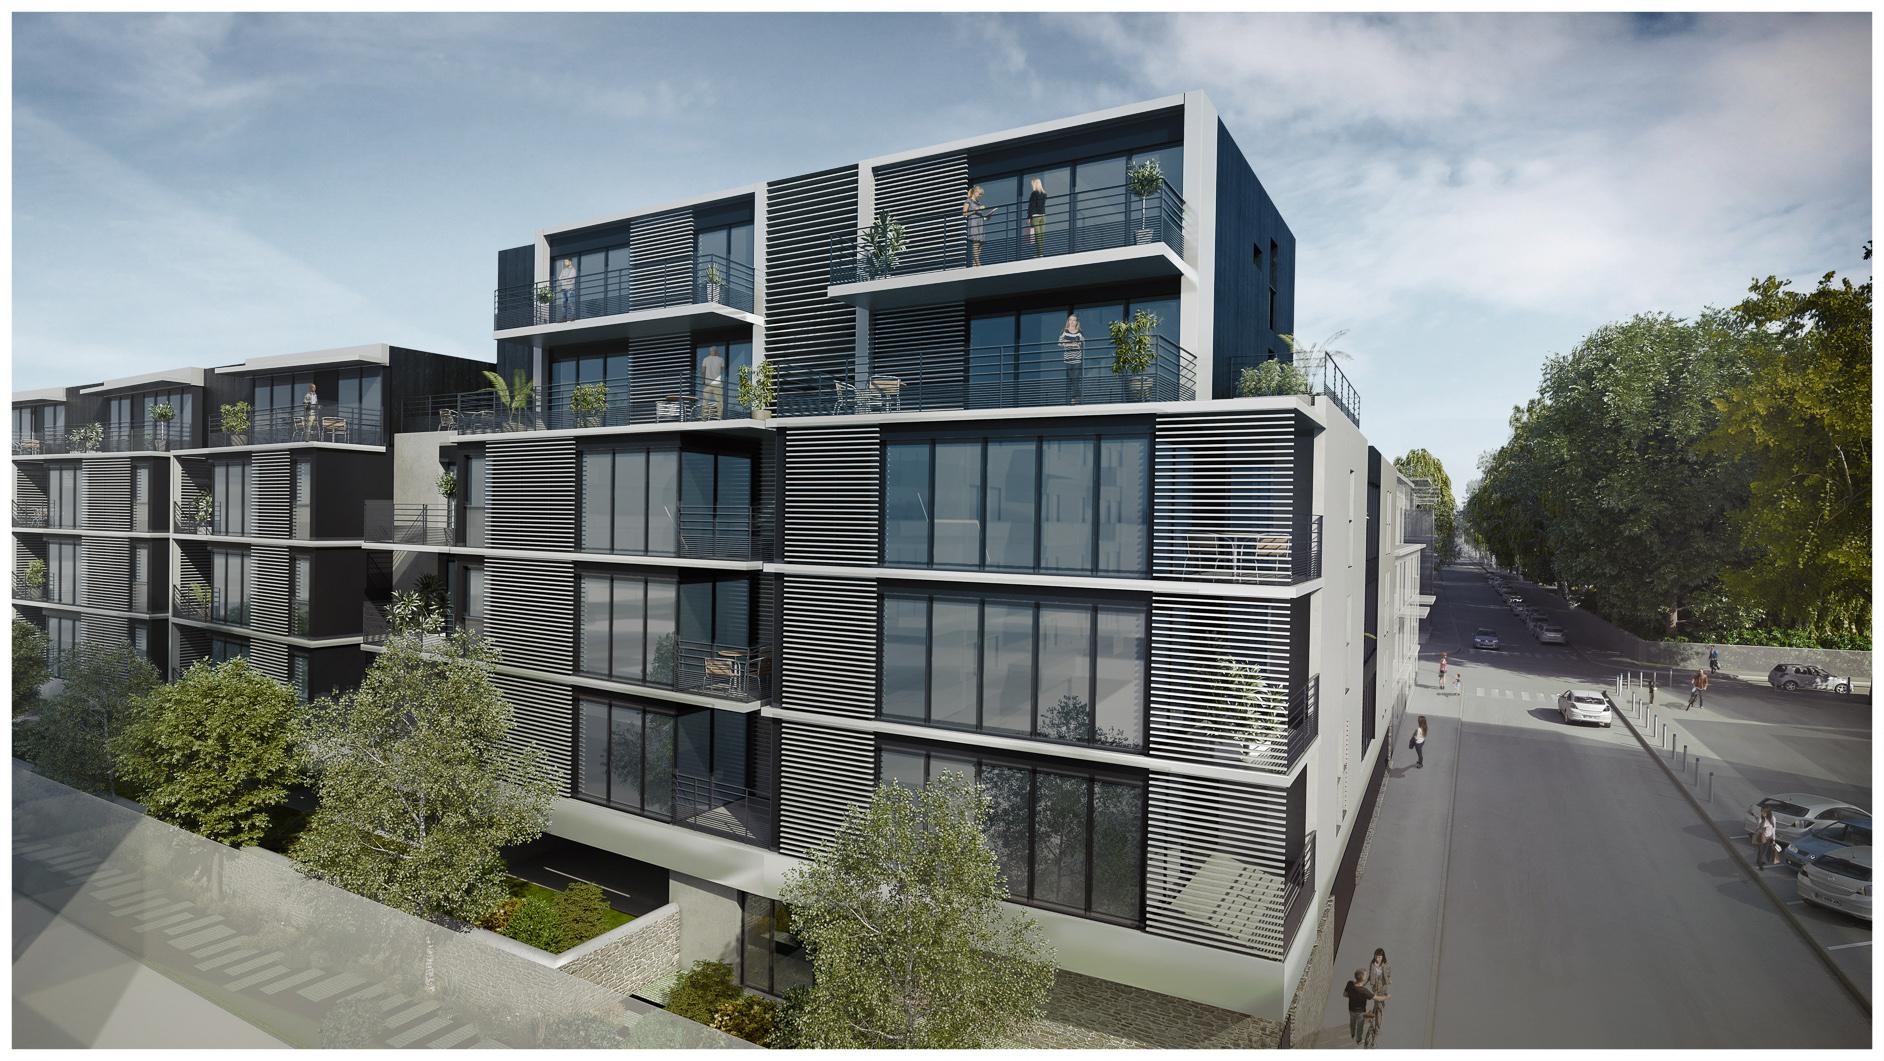 Dripmoon-archvis-graphiste3D-architecture-images-3D-LA-Riche (2)